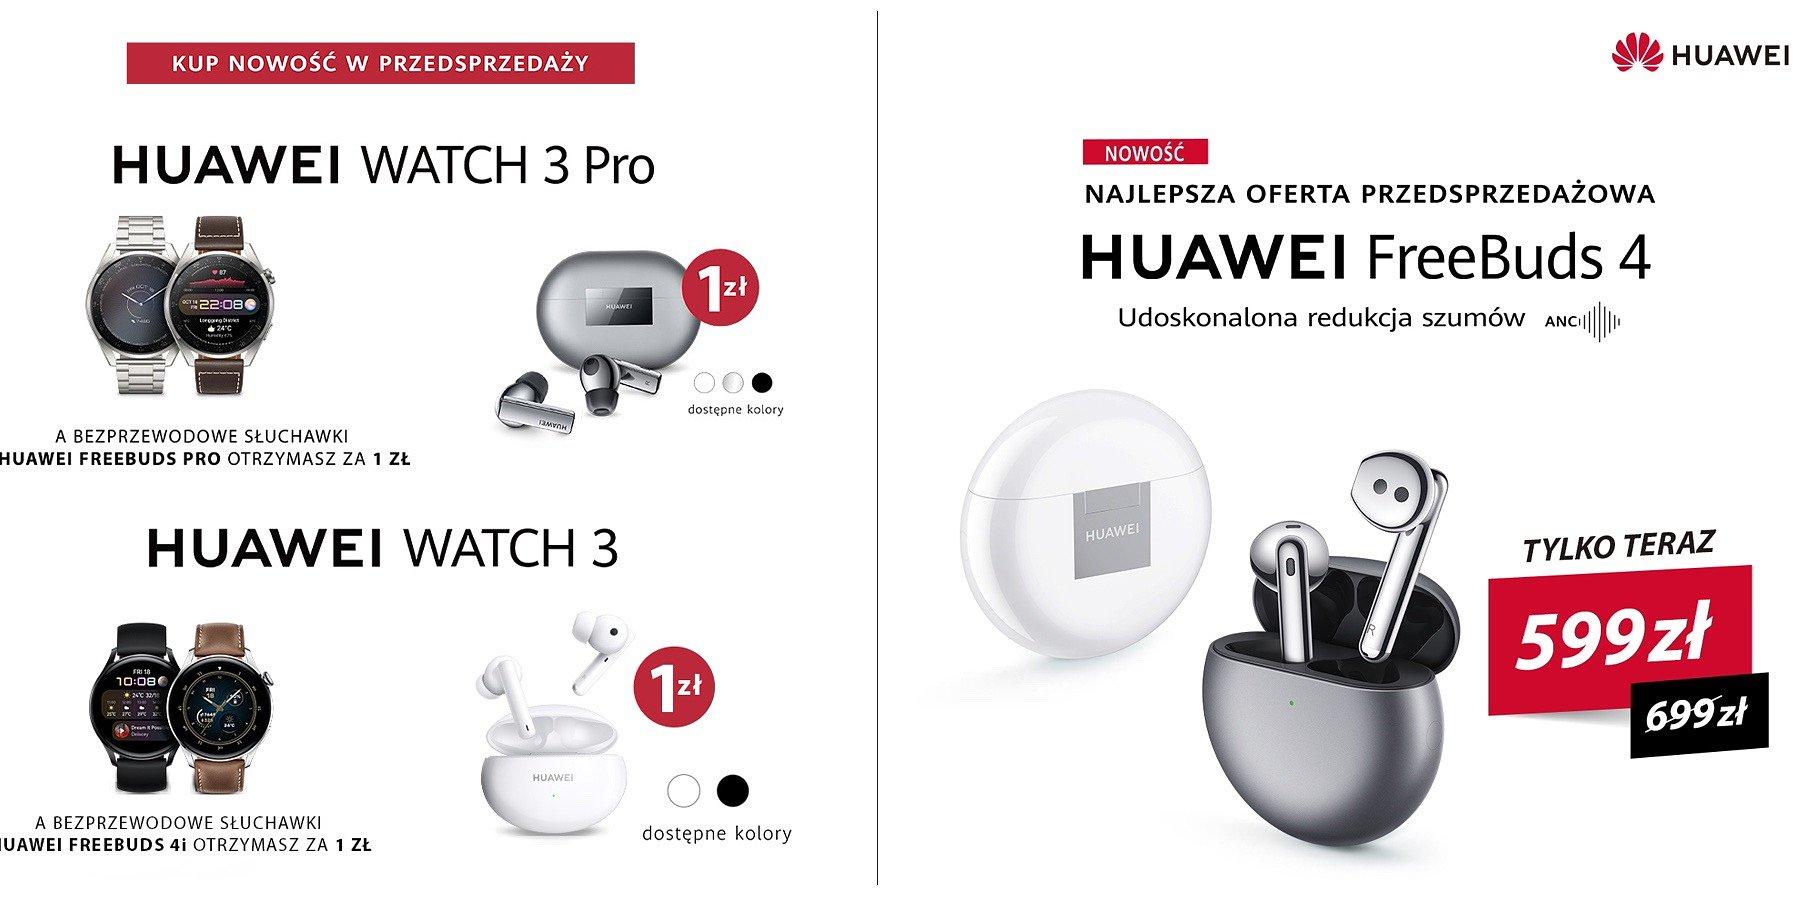 Startuje przedsprzedaż słuchawek i smartwatchy Huawei w Komputronik!